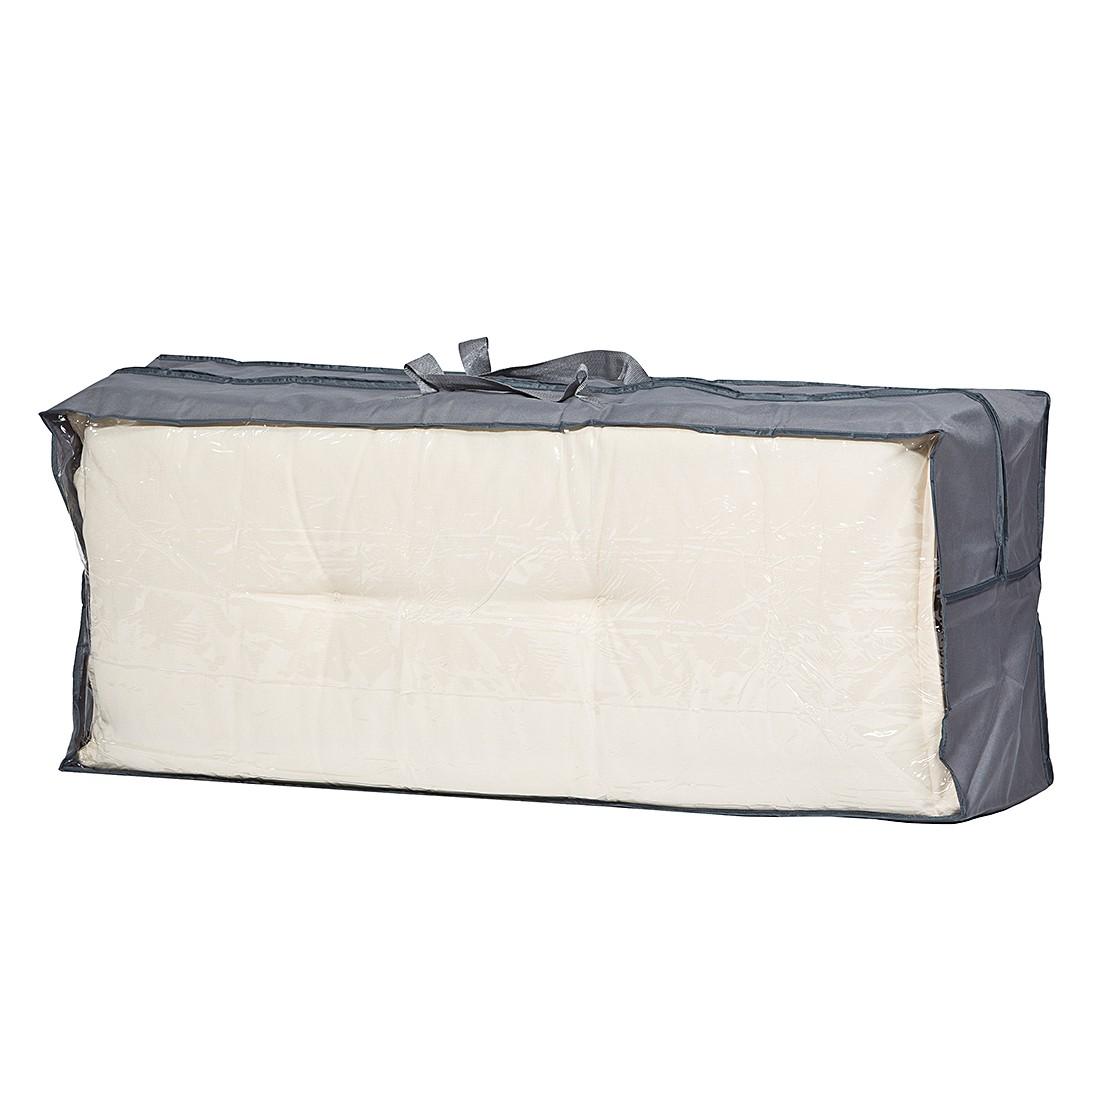 Schutzhüllen-Tragetasche Premium - Polyester, mehr Garten